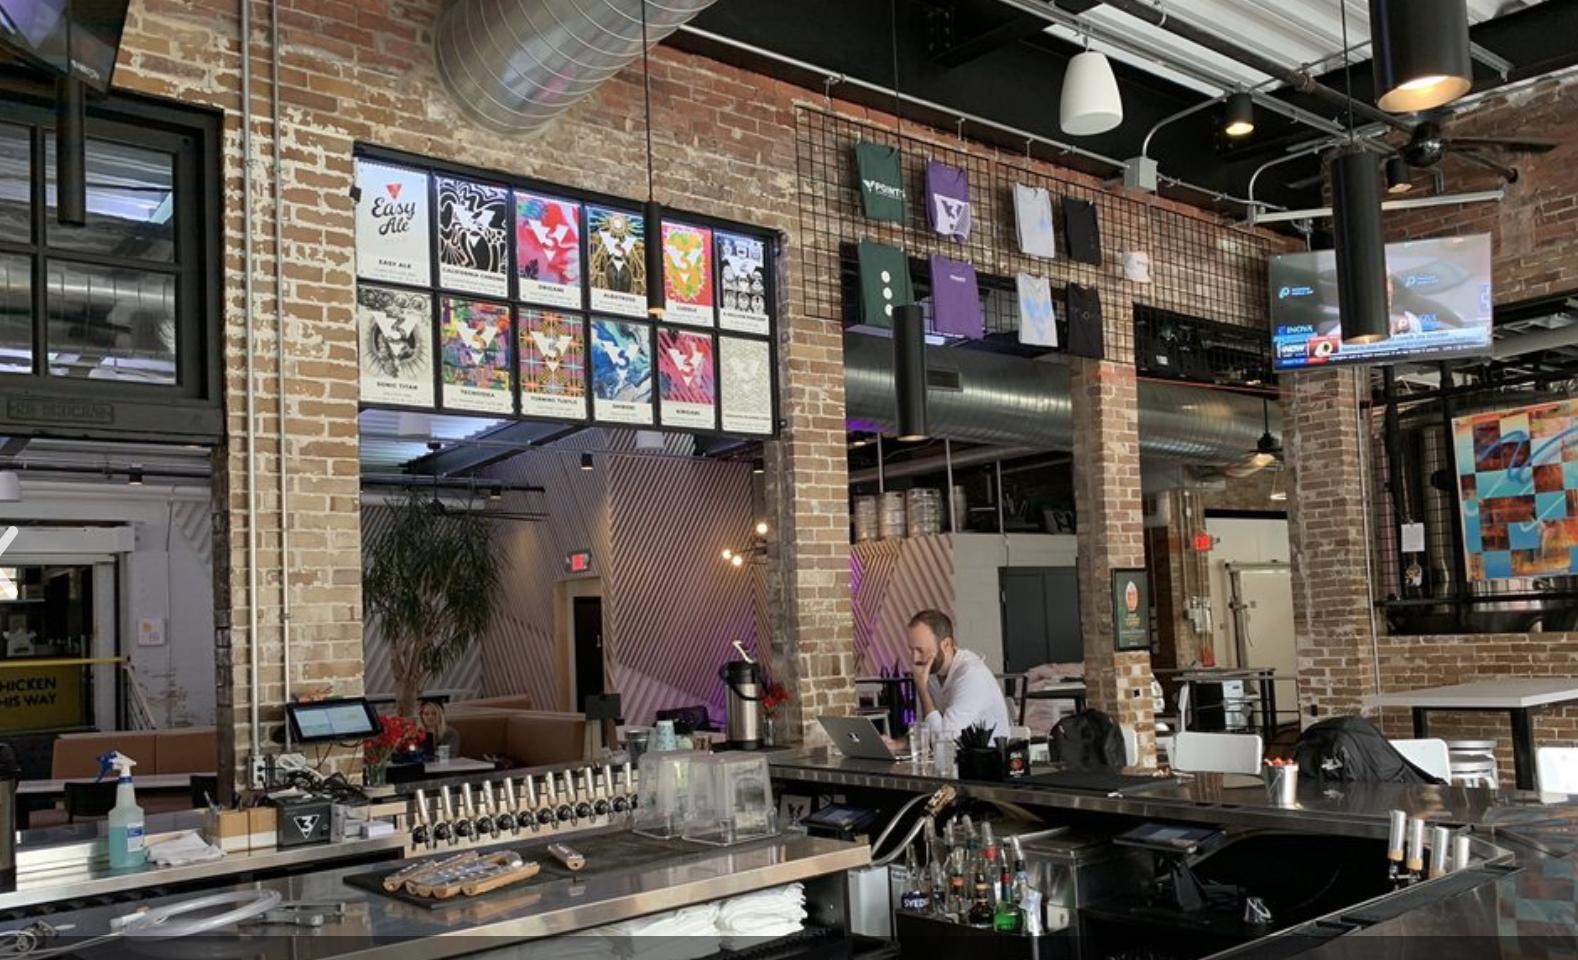 A bar with high ceilings, like a loft